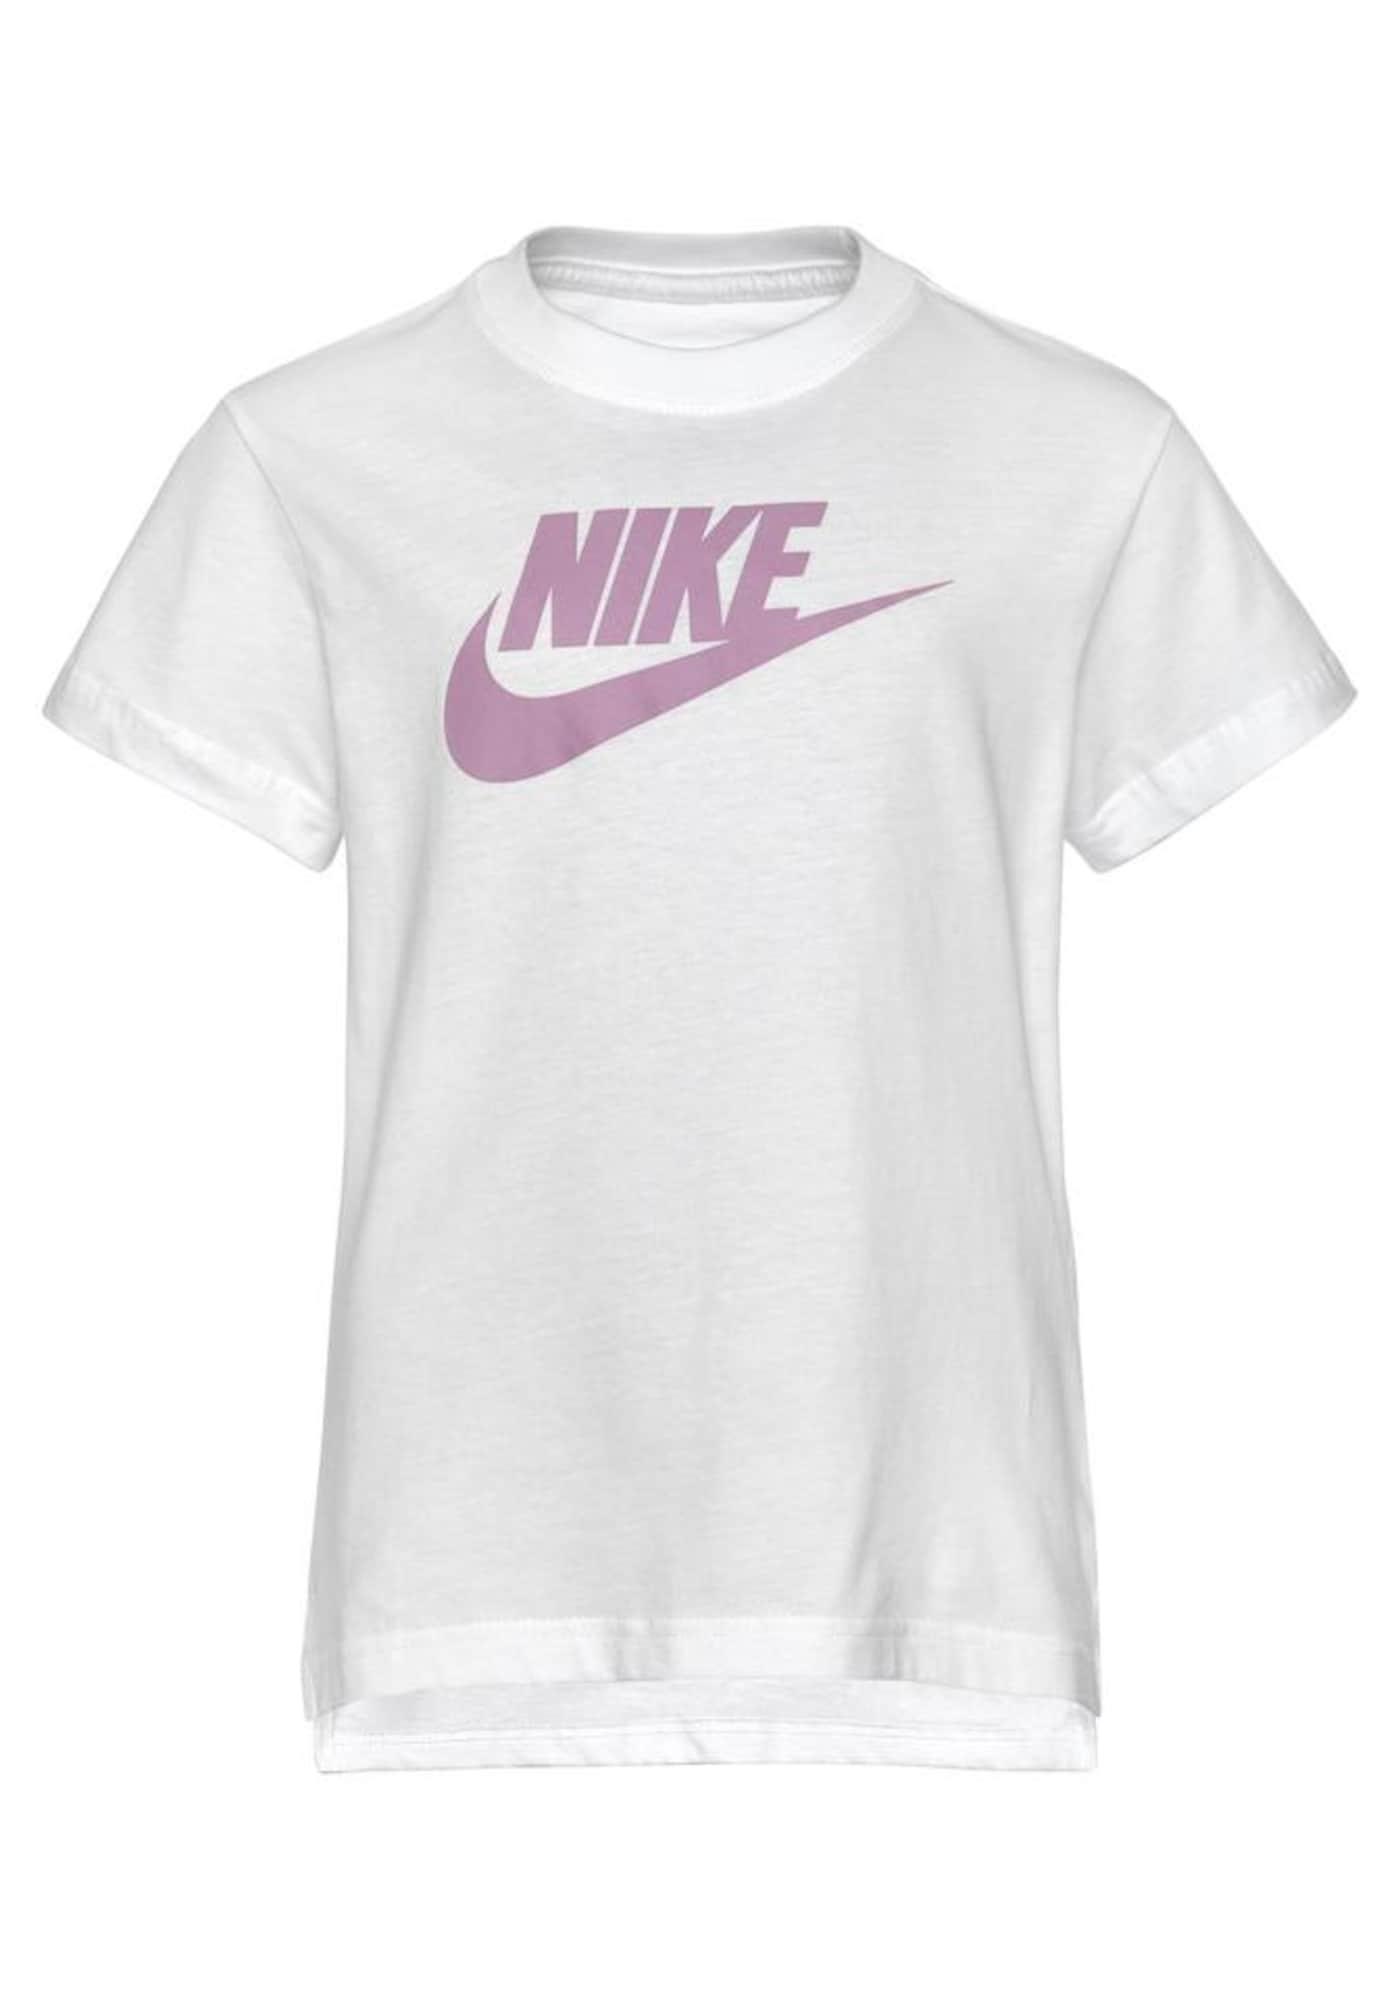 Nike Sportswear Marškinėliai balta / rožių spalva